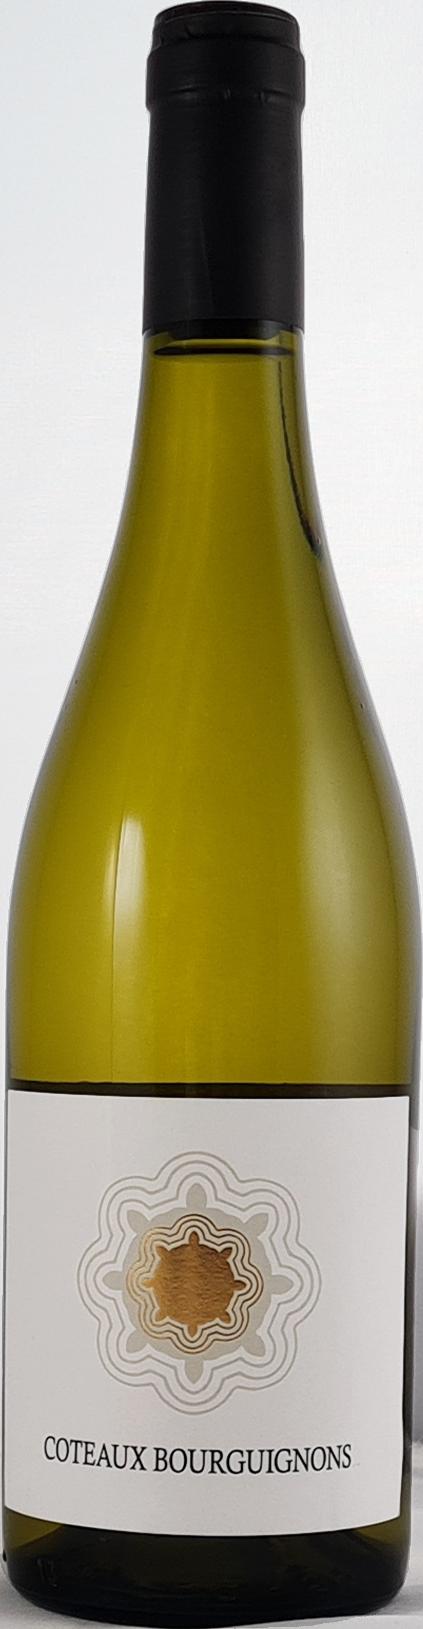 vin blanc sec coteaux bourguignons chardonnay